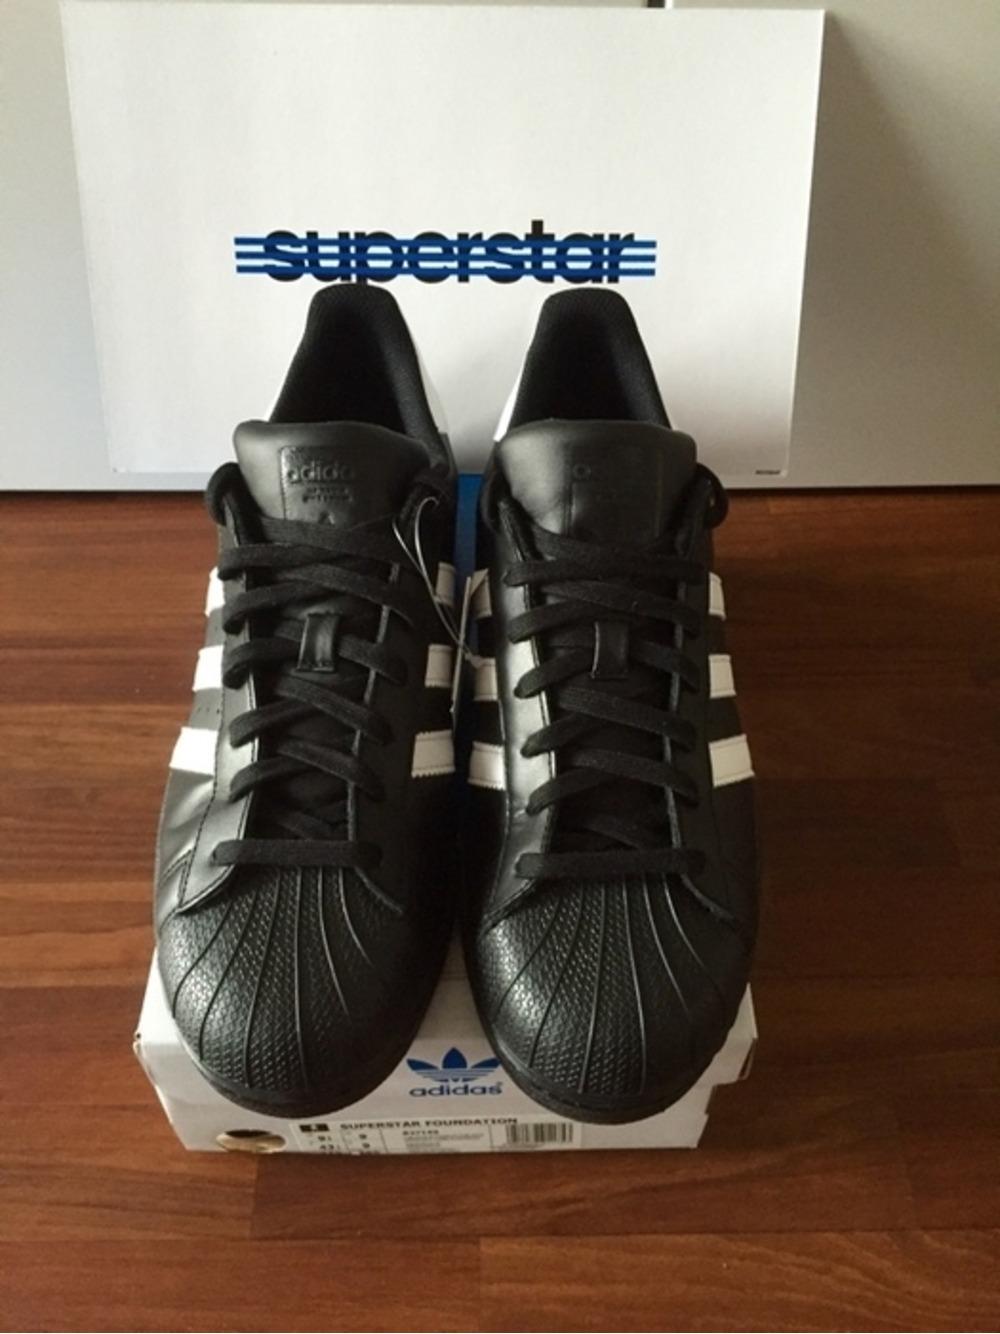 Superstar 2, Cheap Adidas Superstar 2 Shoes Sale 2017